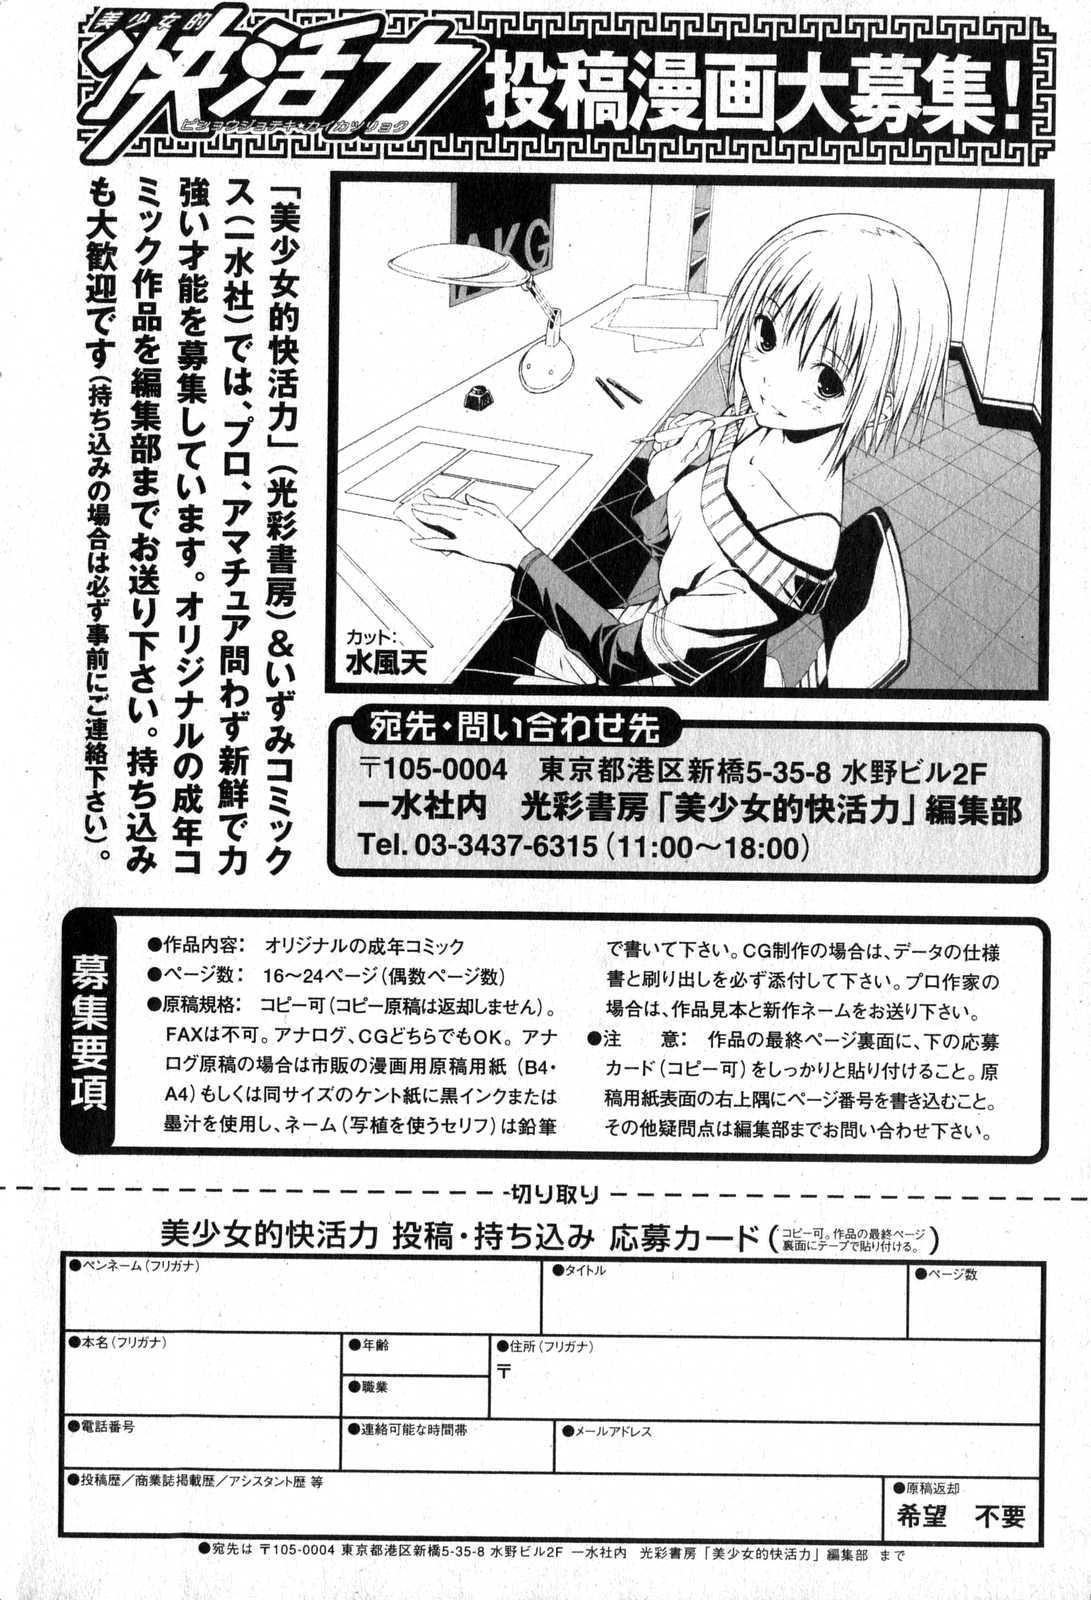 Bishoujo Teki Kaikatsu Ryoku 2007 Vol.15 187